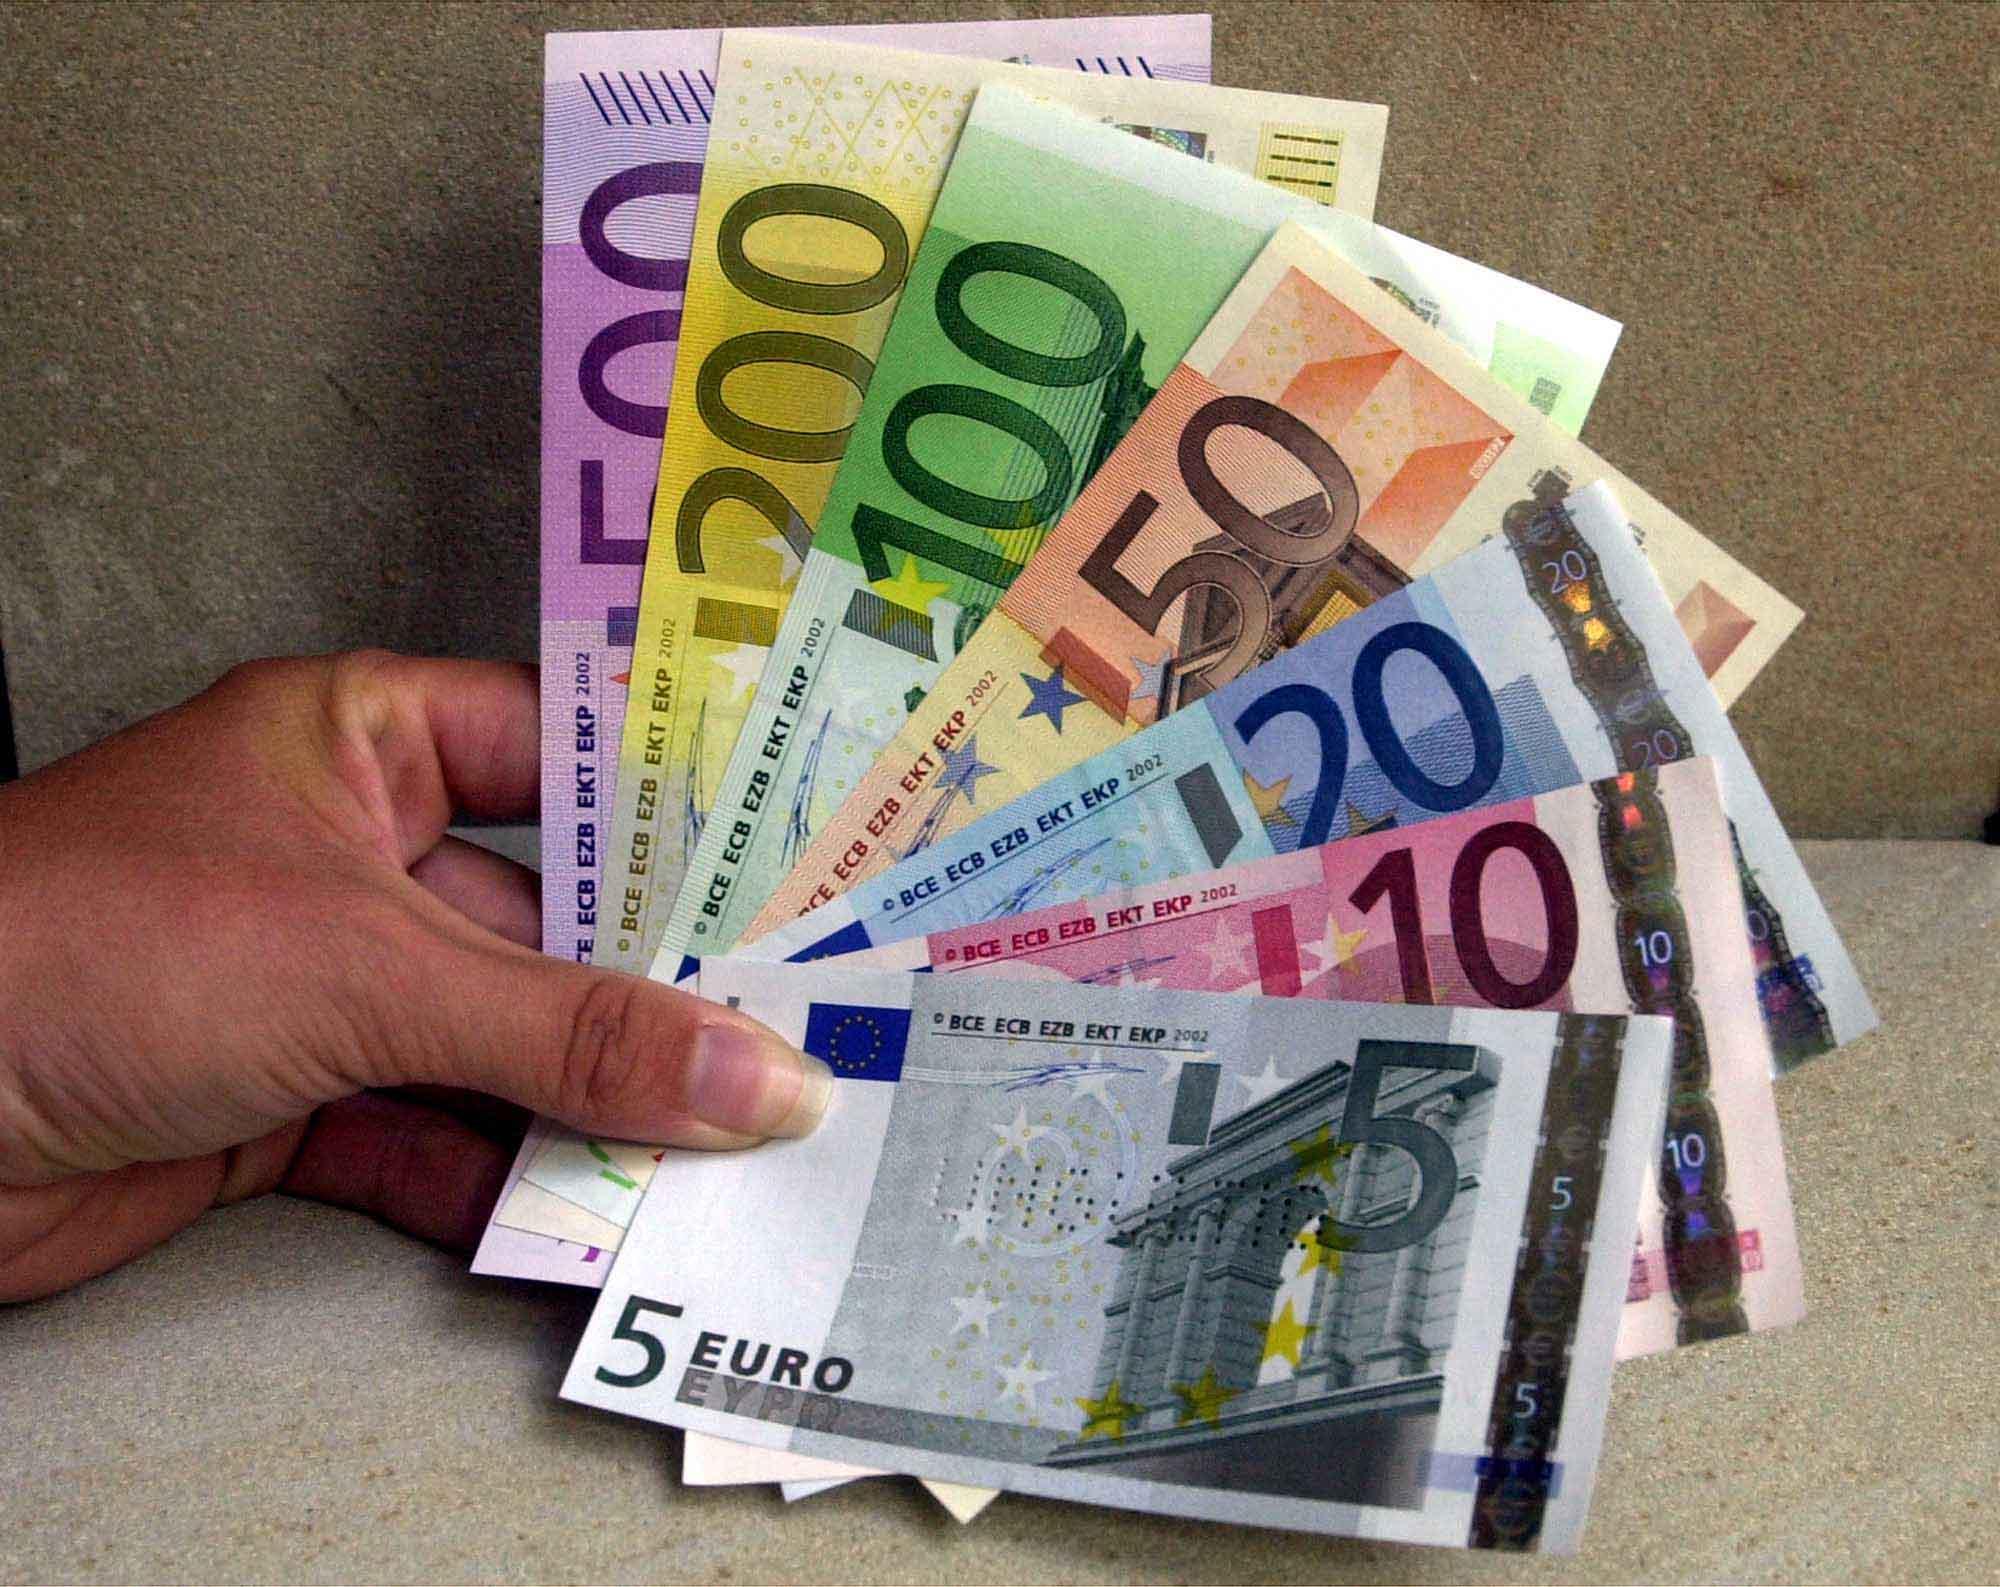 yurtdisinda-yasayanlar-icin-emeklilik-kurallari-degisti